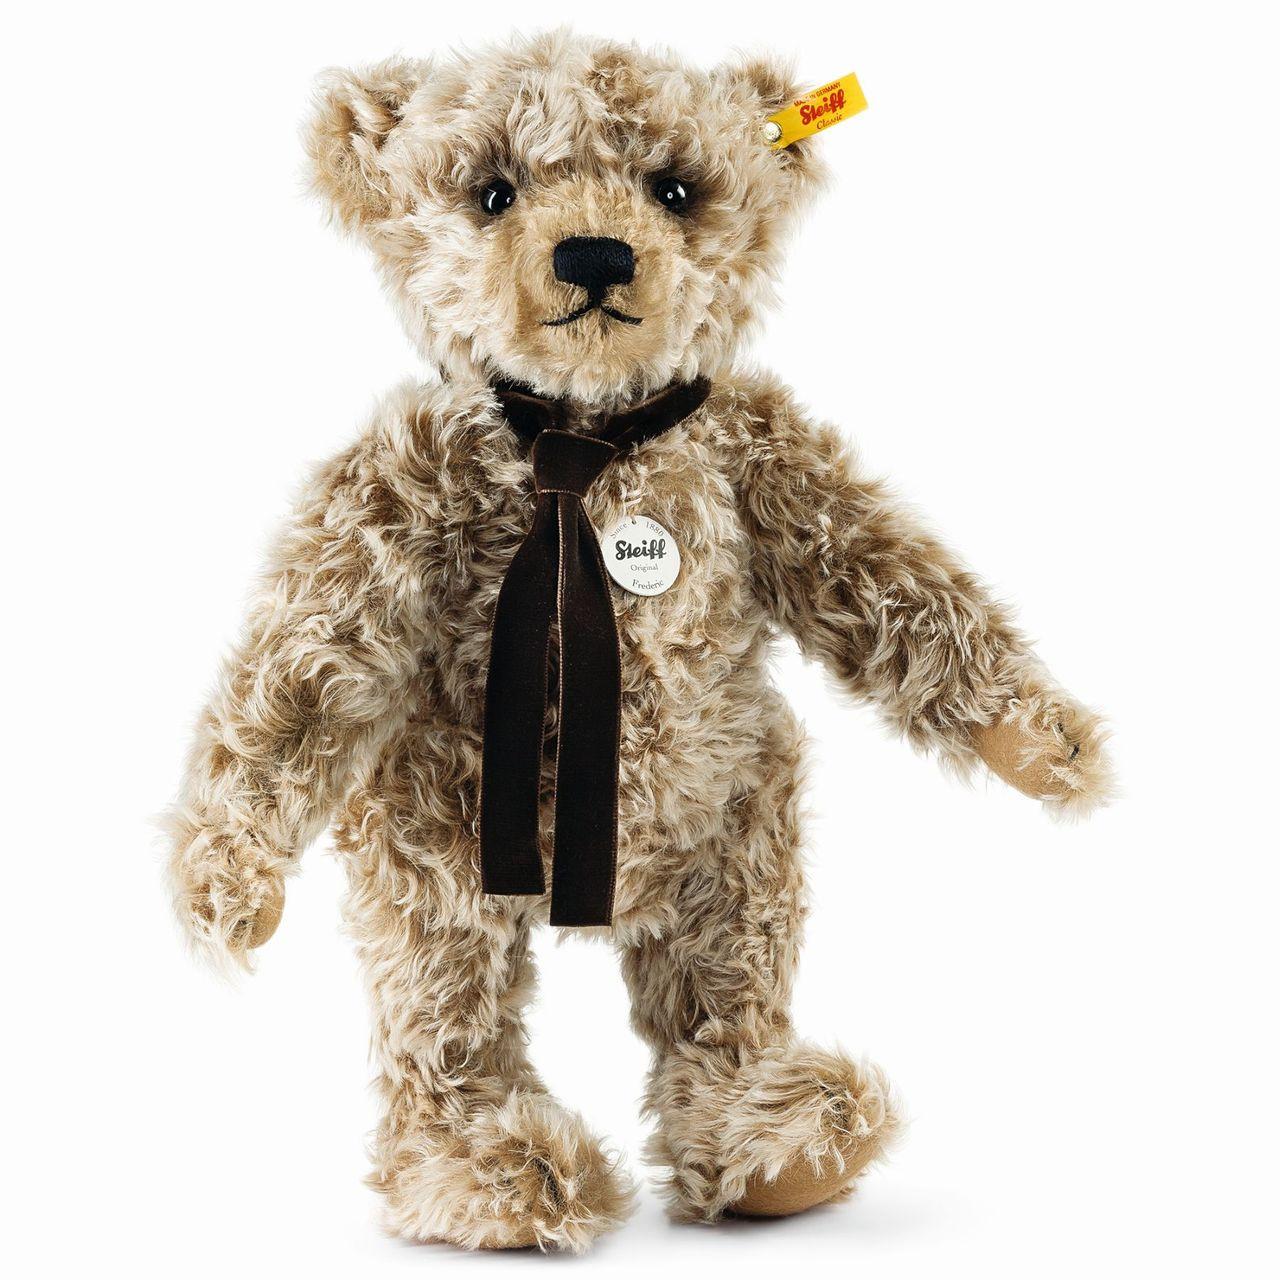 Teddy Bear Frederic Steiff Ean 000478